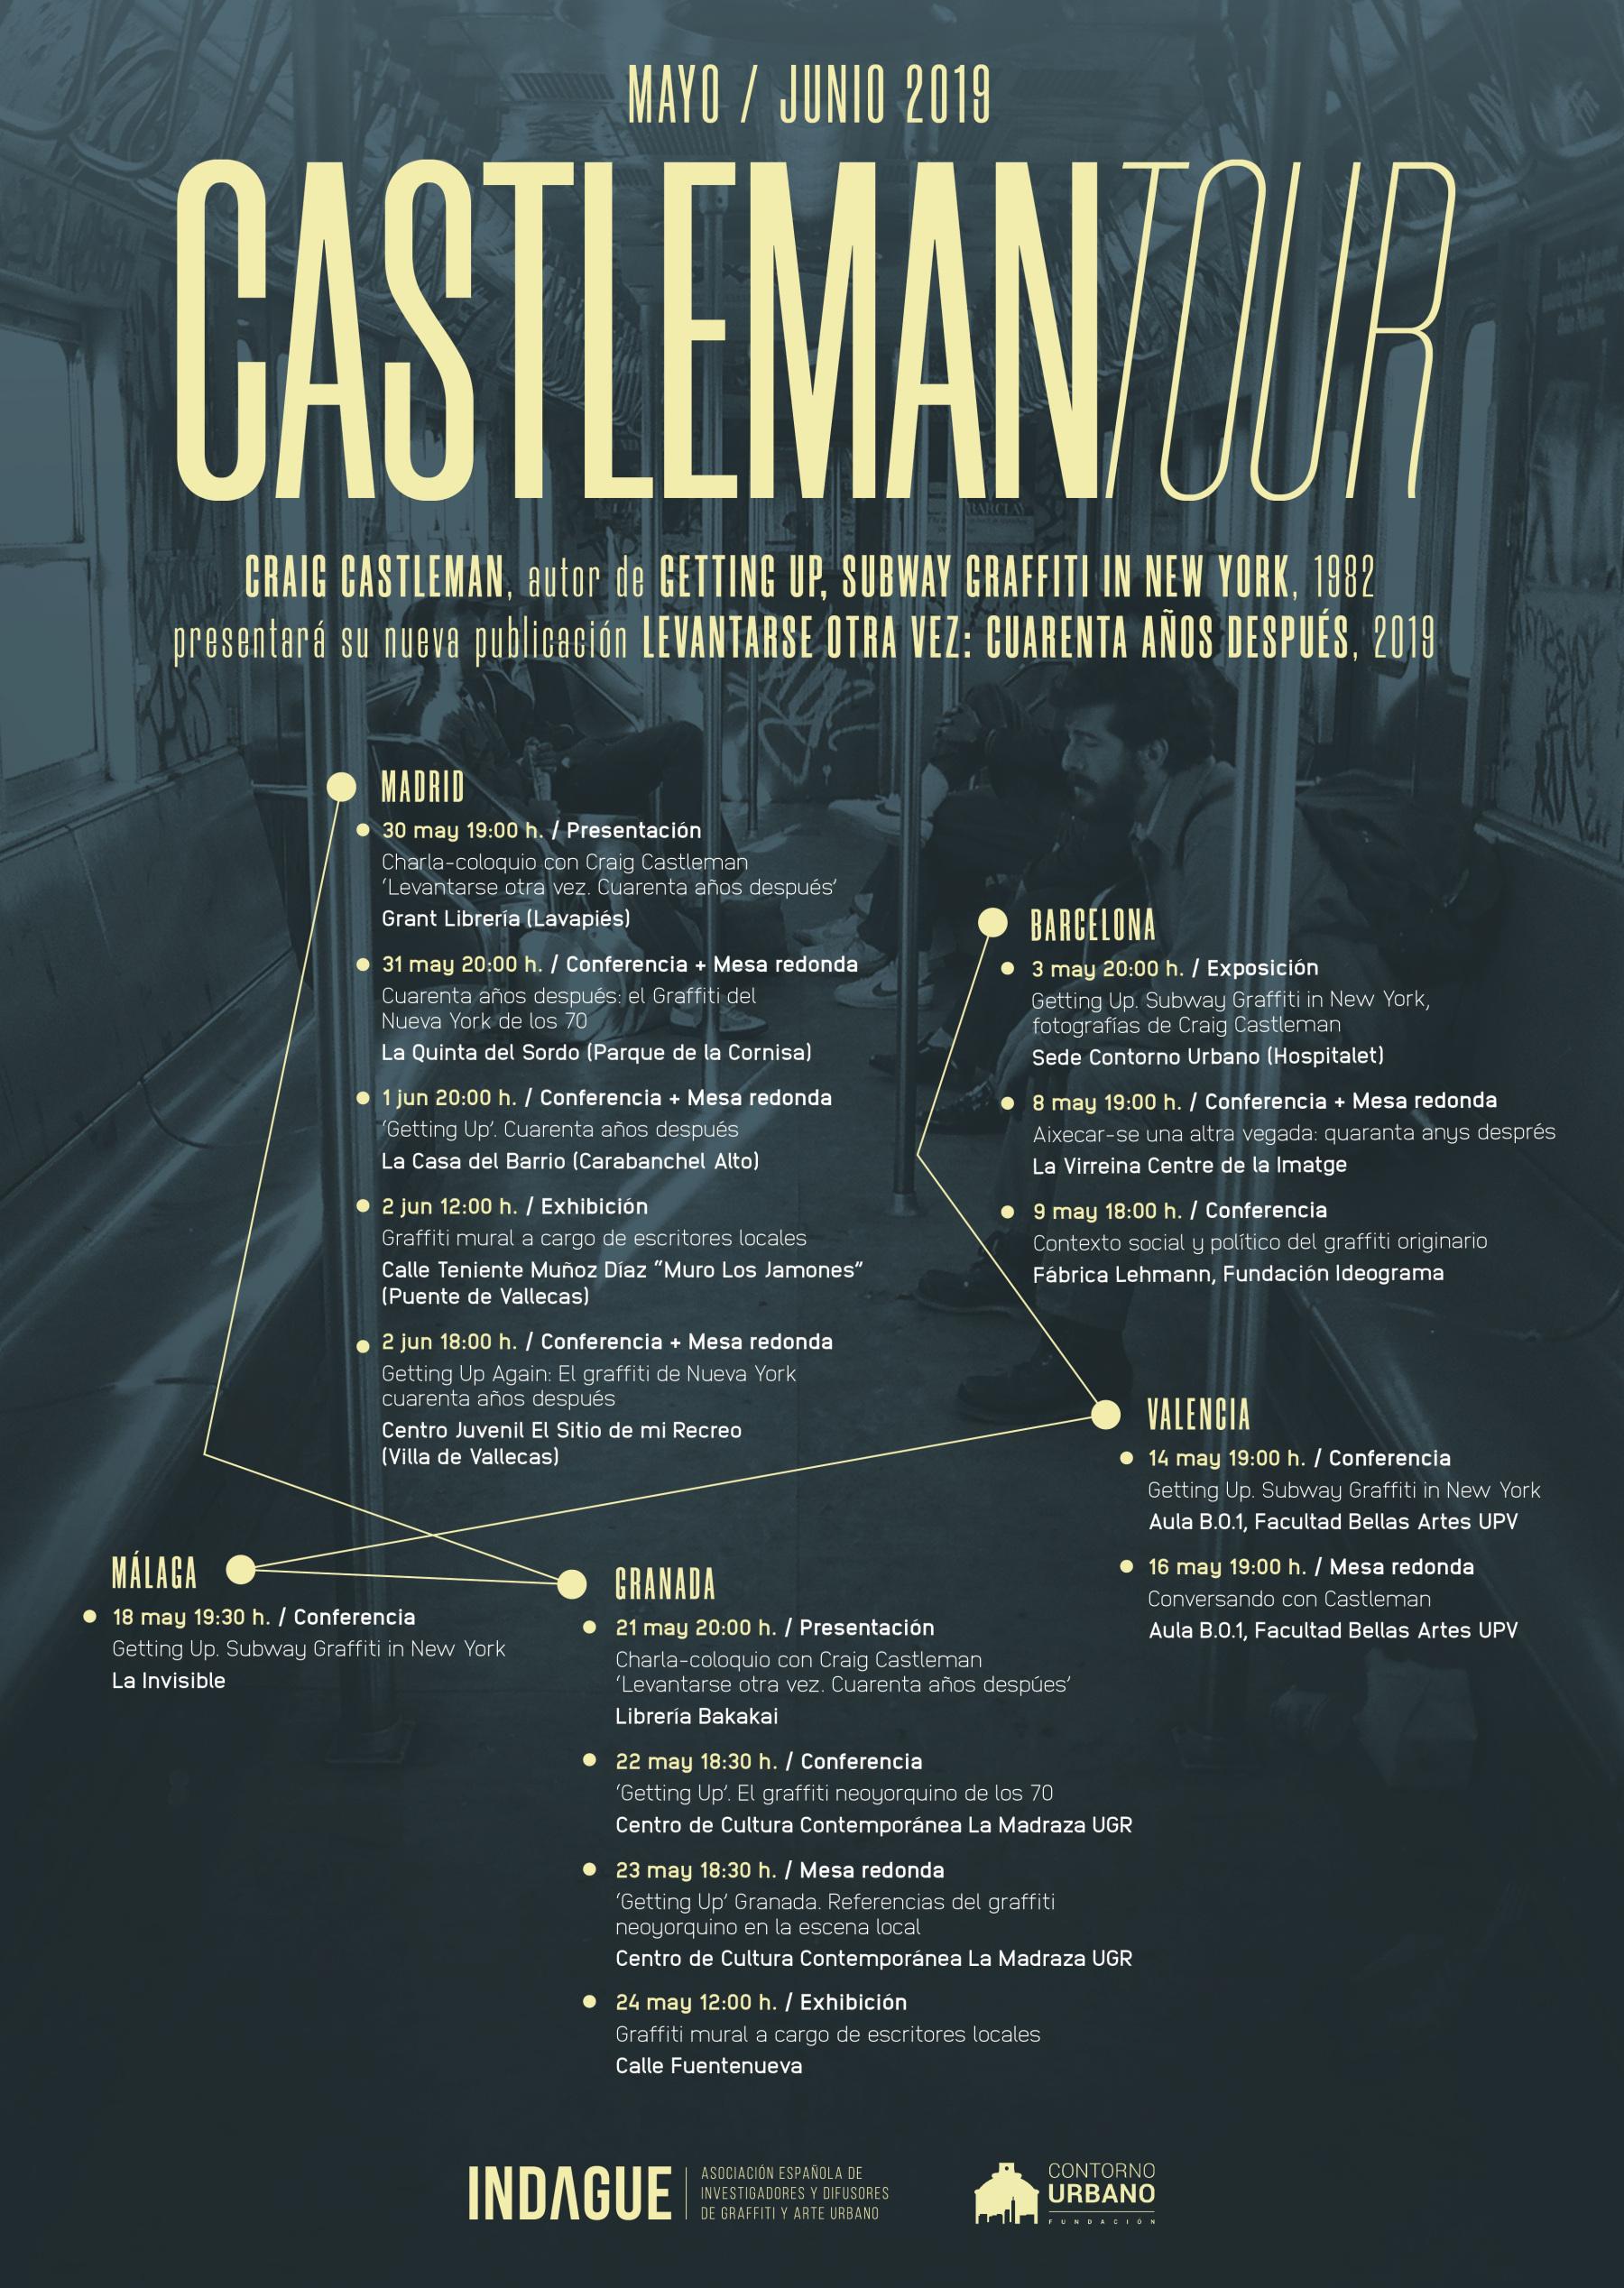 craig castleman en españa 2019